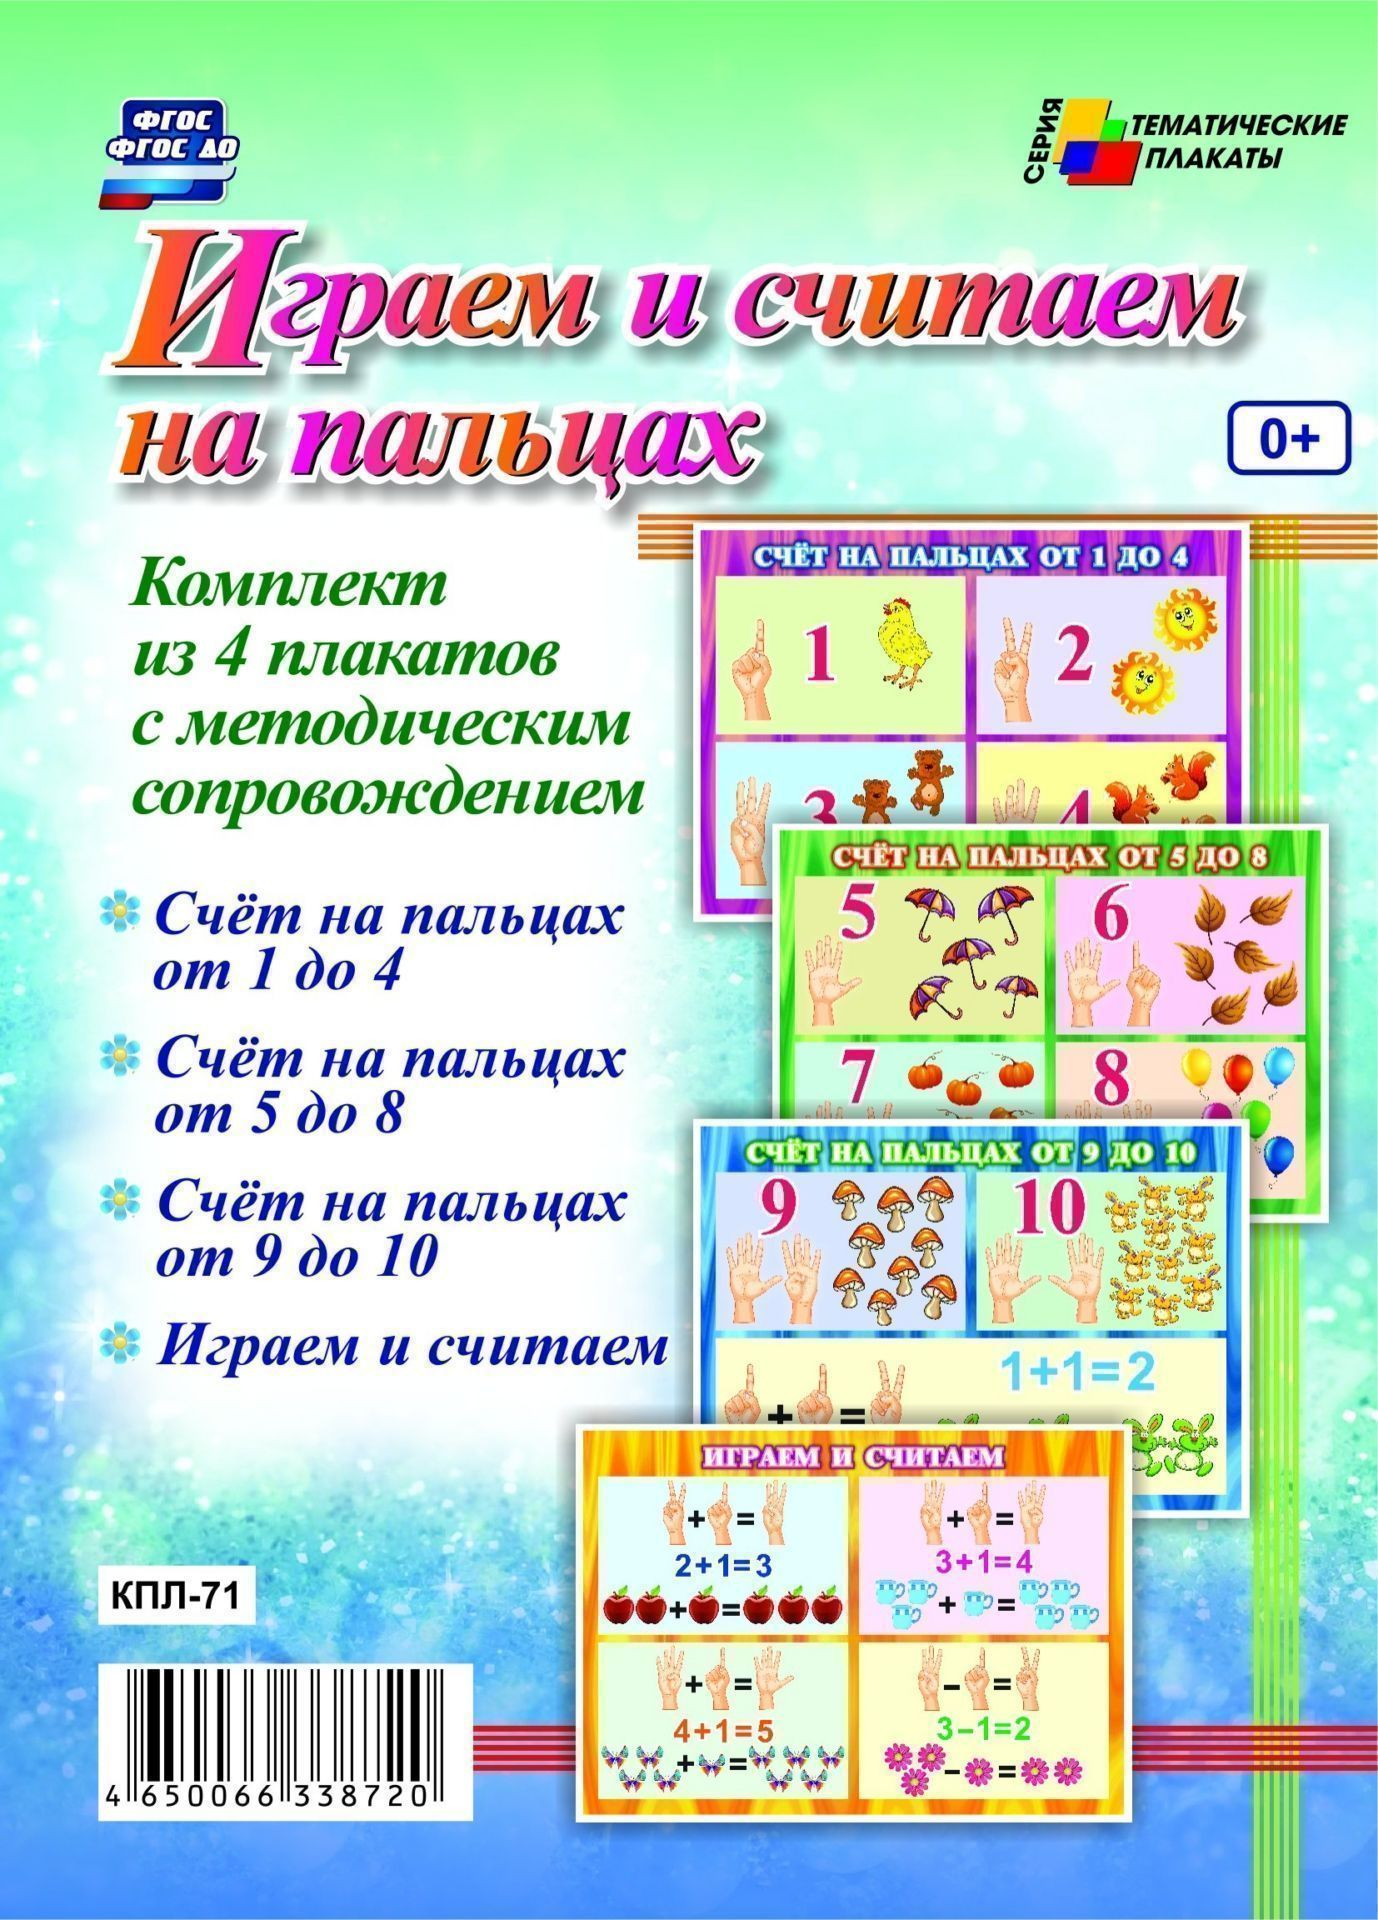 Комплект плакатов  Играем и считаем на пальцах: 4 плаката с методическим сопровождениемТематические плакаты<br>Представленный комплект тематических плакатов Играем и считаем на пальцах с методическим сопровождением предназначен для занятий по познавательному развитию детей, включает в себя 4 плаката: 1.Счет на пальцах от 1 до 4;2.Счет на пальцах от 5 до 8;3.С...<br><br>Год: 2017<br>Серия: Тематические плакаты<br>Высота: 297<br>Ширина: 420